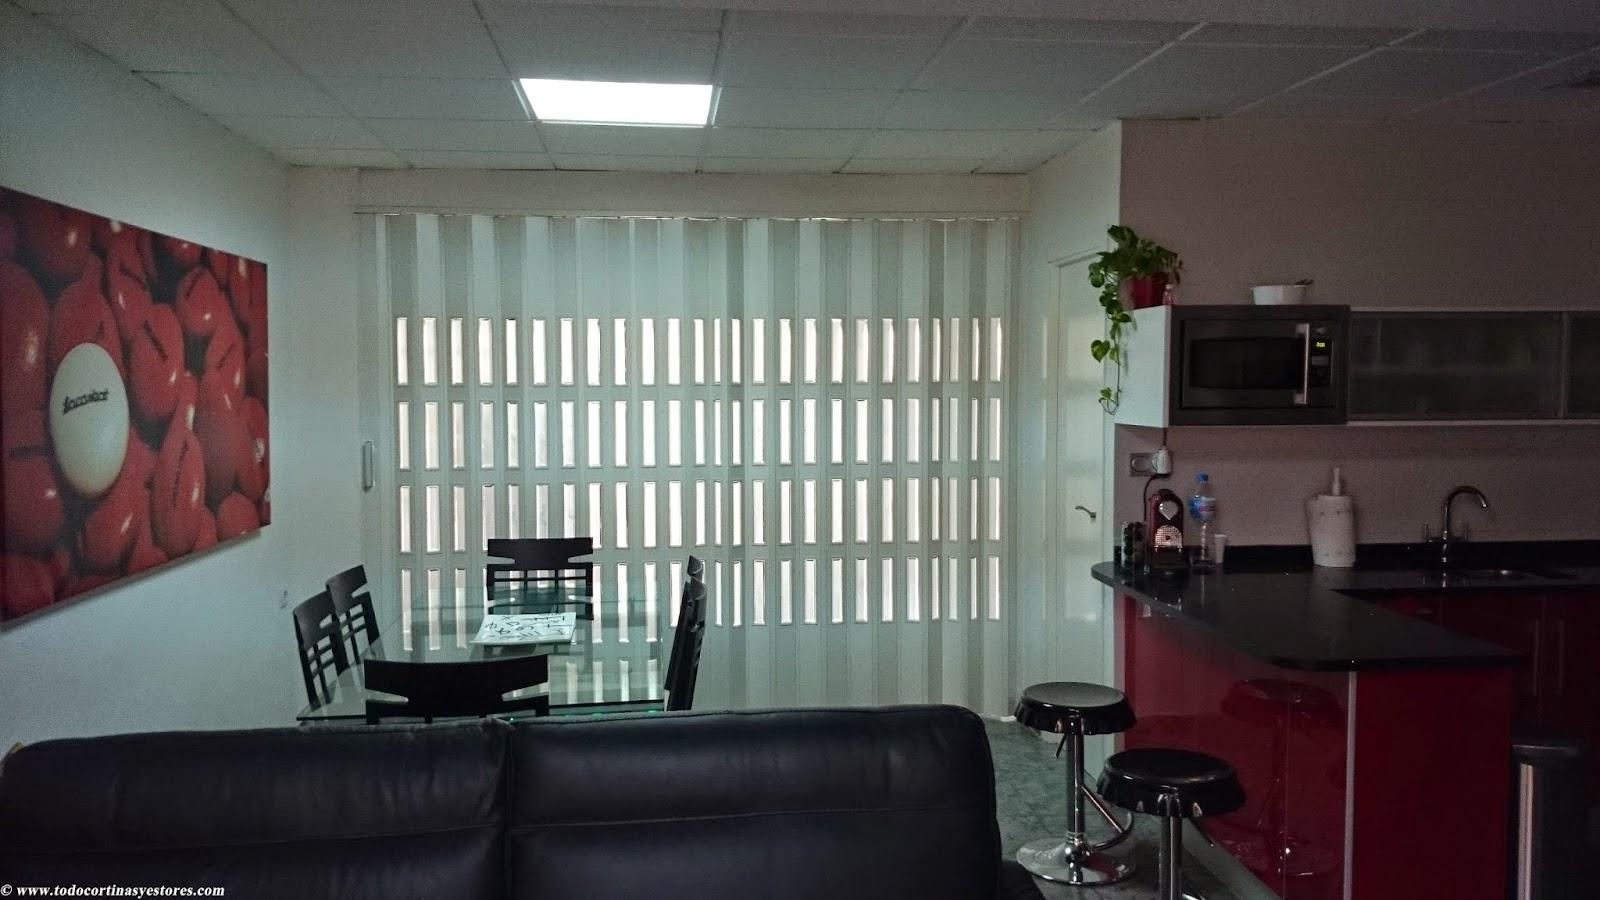 Decoracion interior cortinas verticales estores - Decoracion puertas interior ...